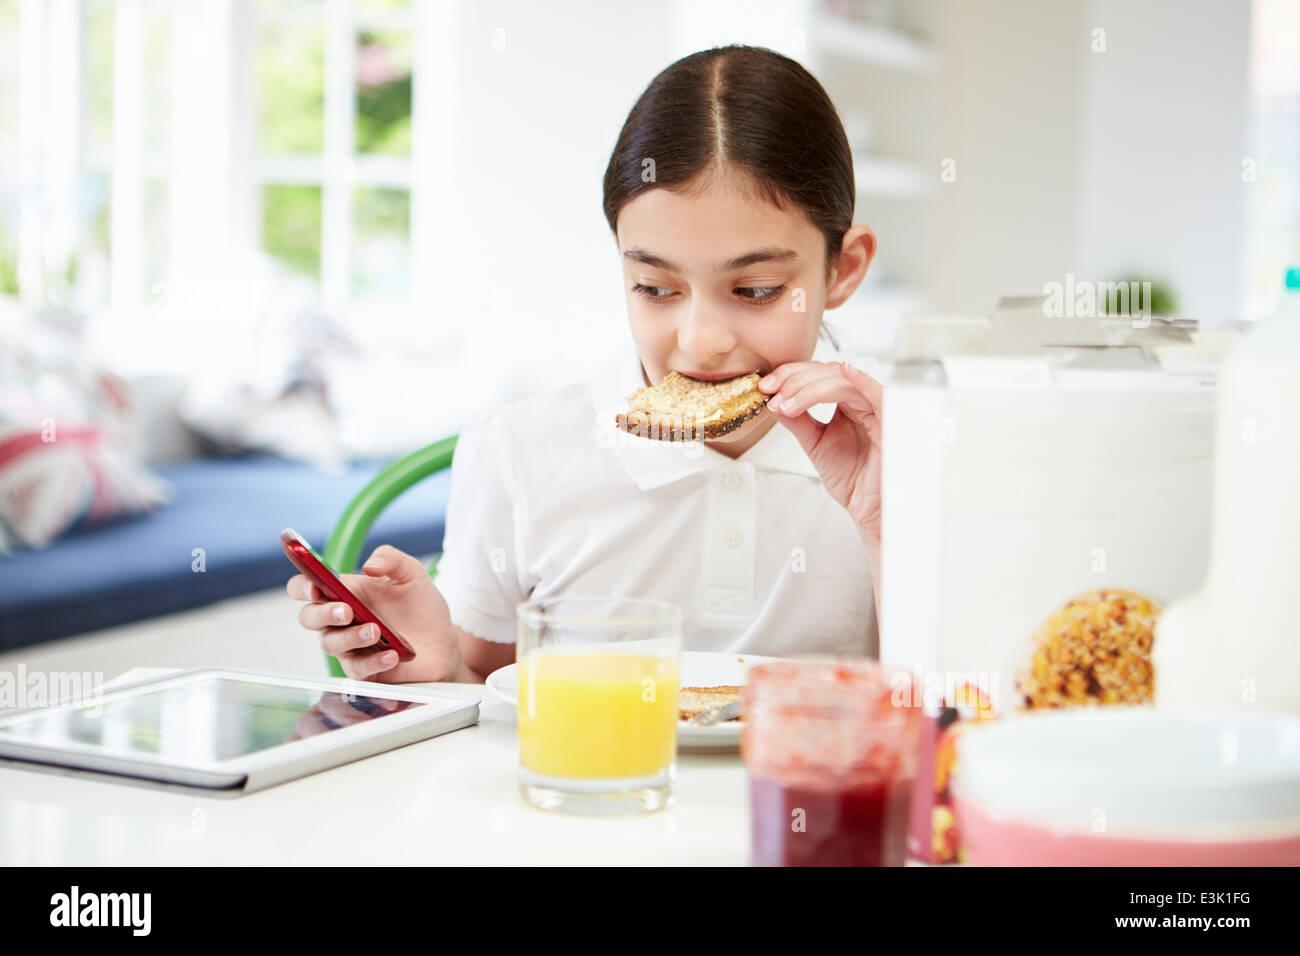 Colegiala con móviles y Tablet Digital comiendo tostadas Imagen De Stock